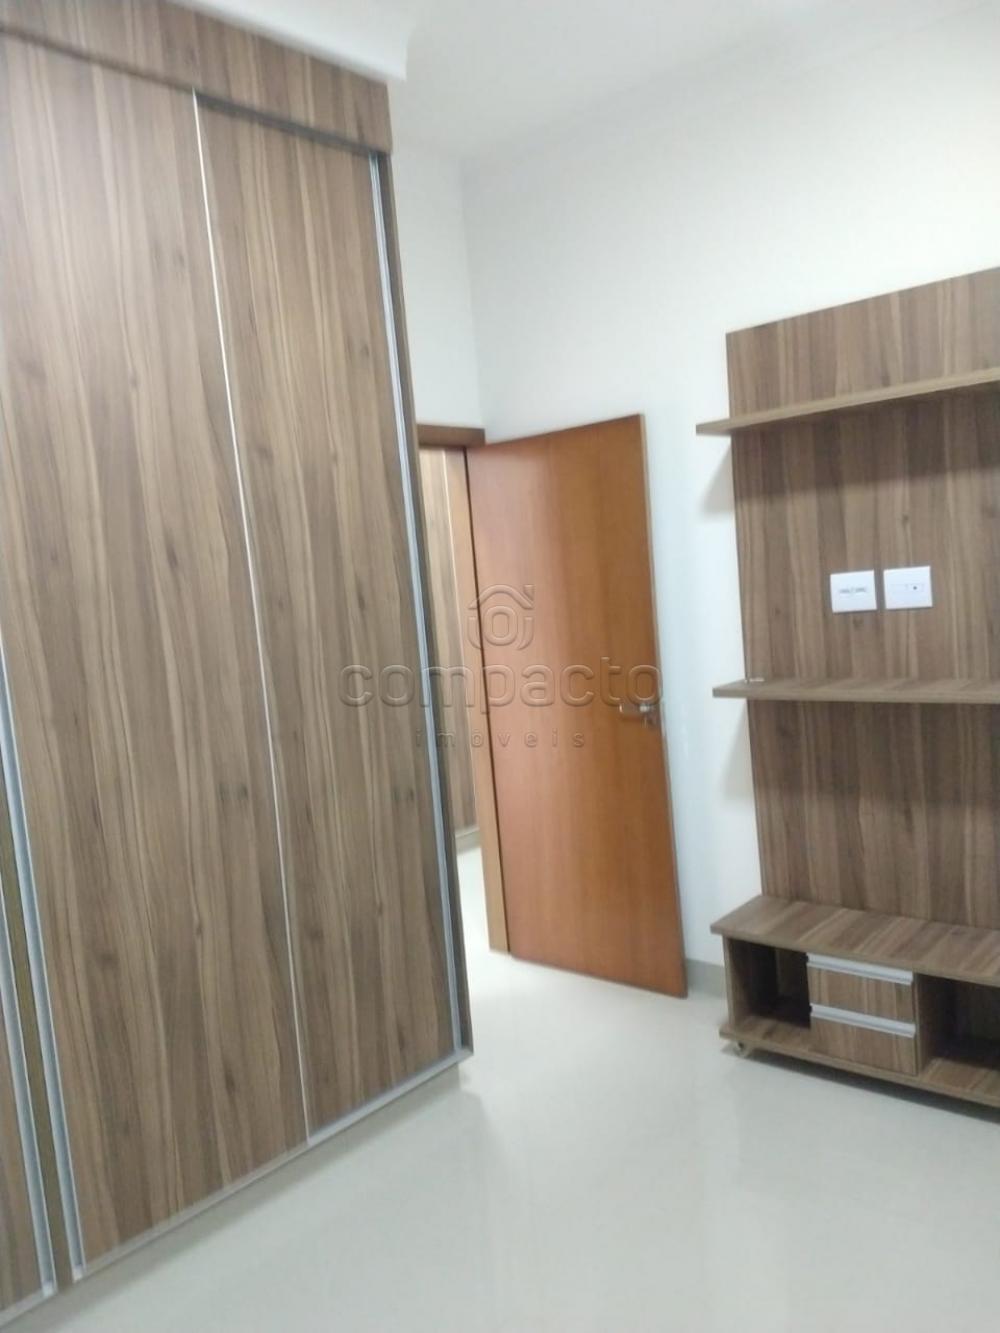 Comprar Casa / Condomínio em Mirassol apenas R$ 800.000,00 - Foto 10